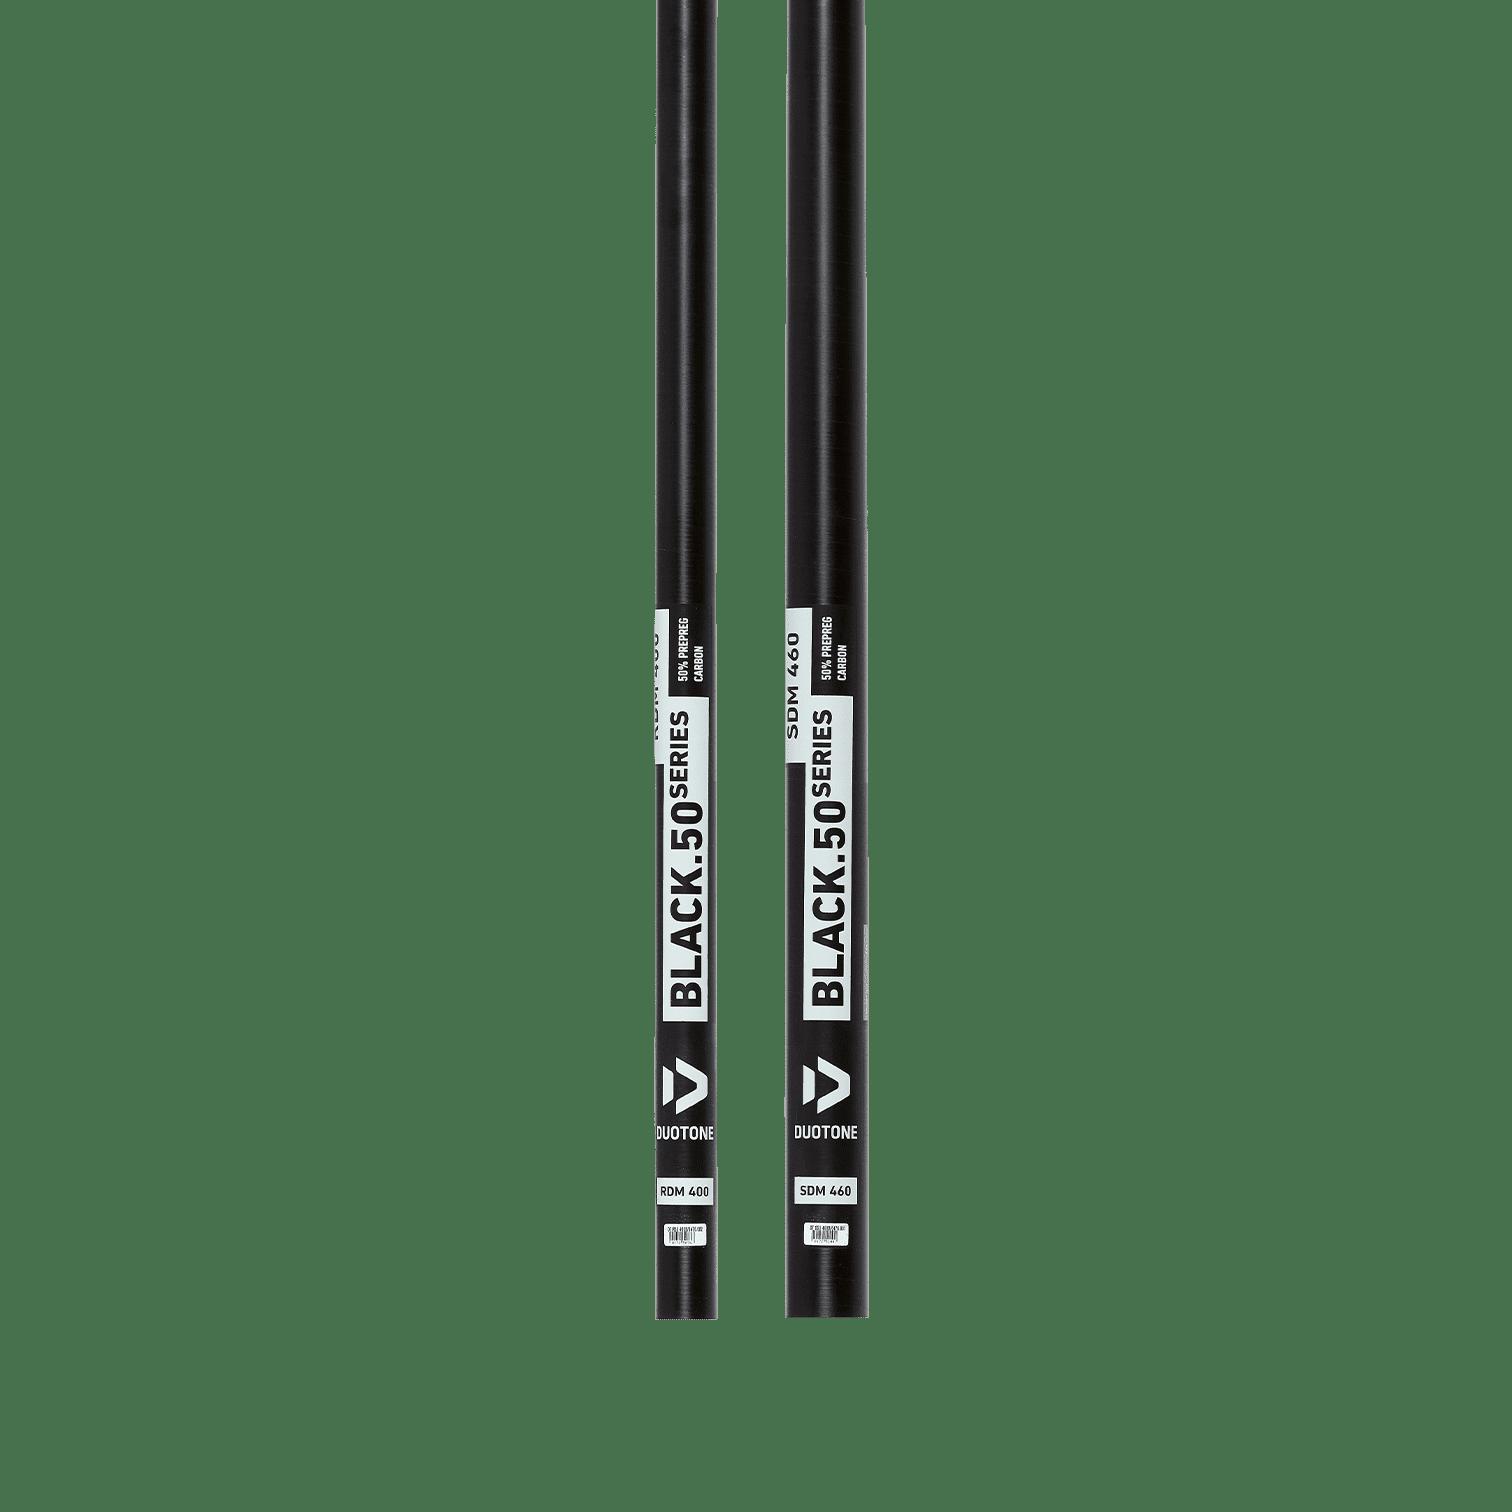 Duotone Black Label 50% RDM carbon mast